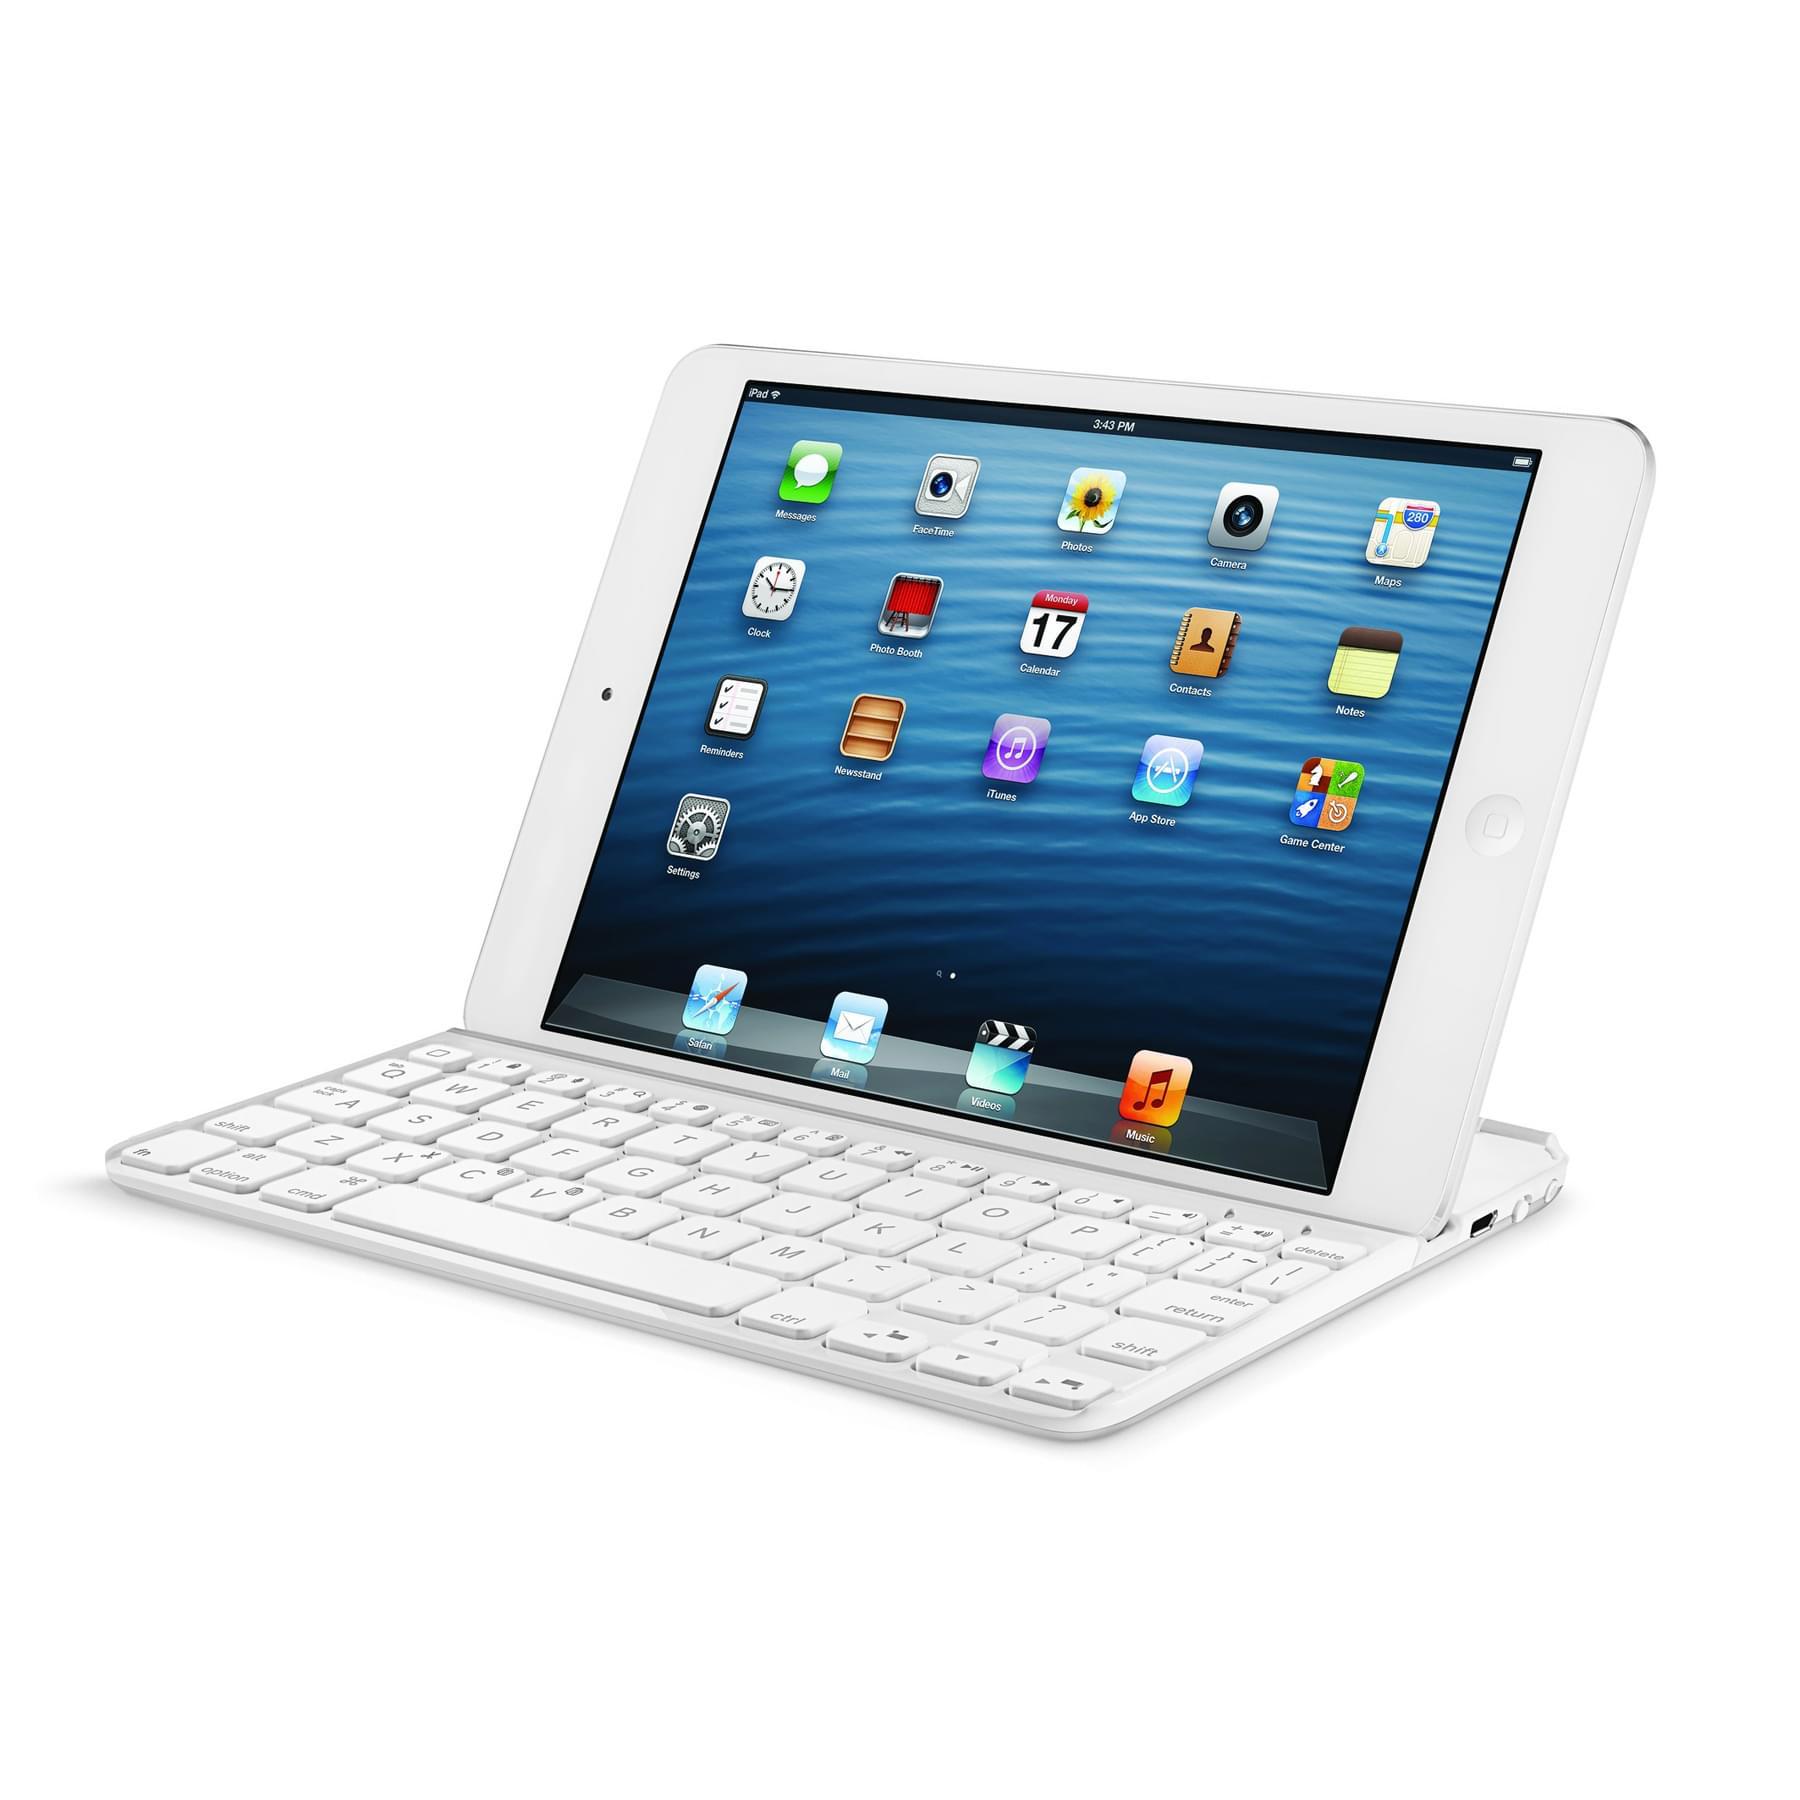 Etui Ultrathin Keyboard Cover Mini White - Accessoire tablette - 0